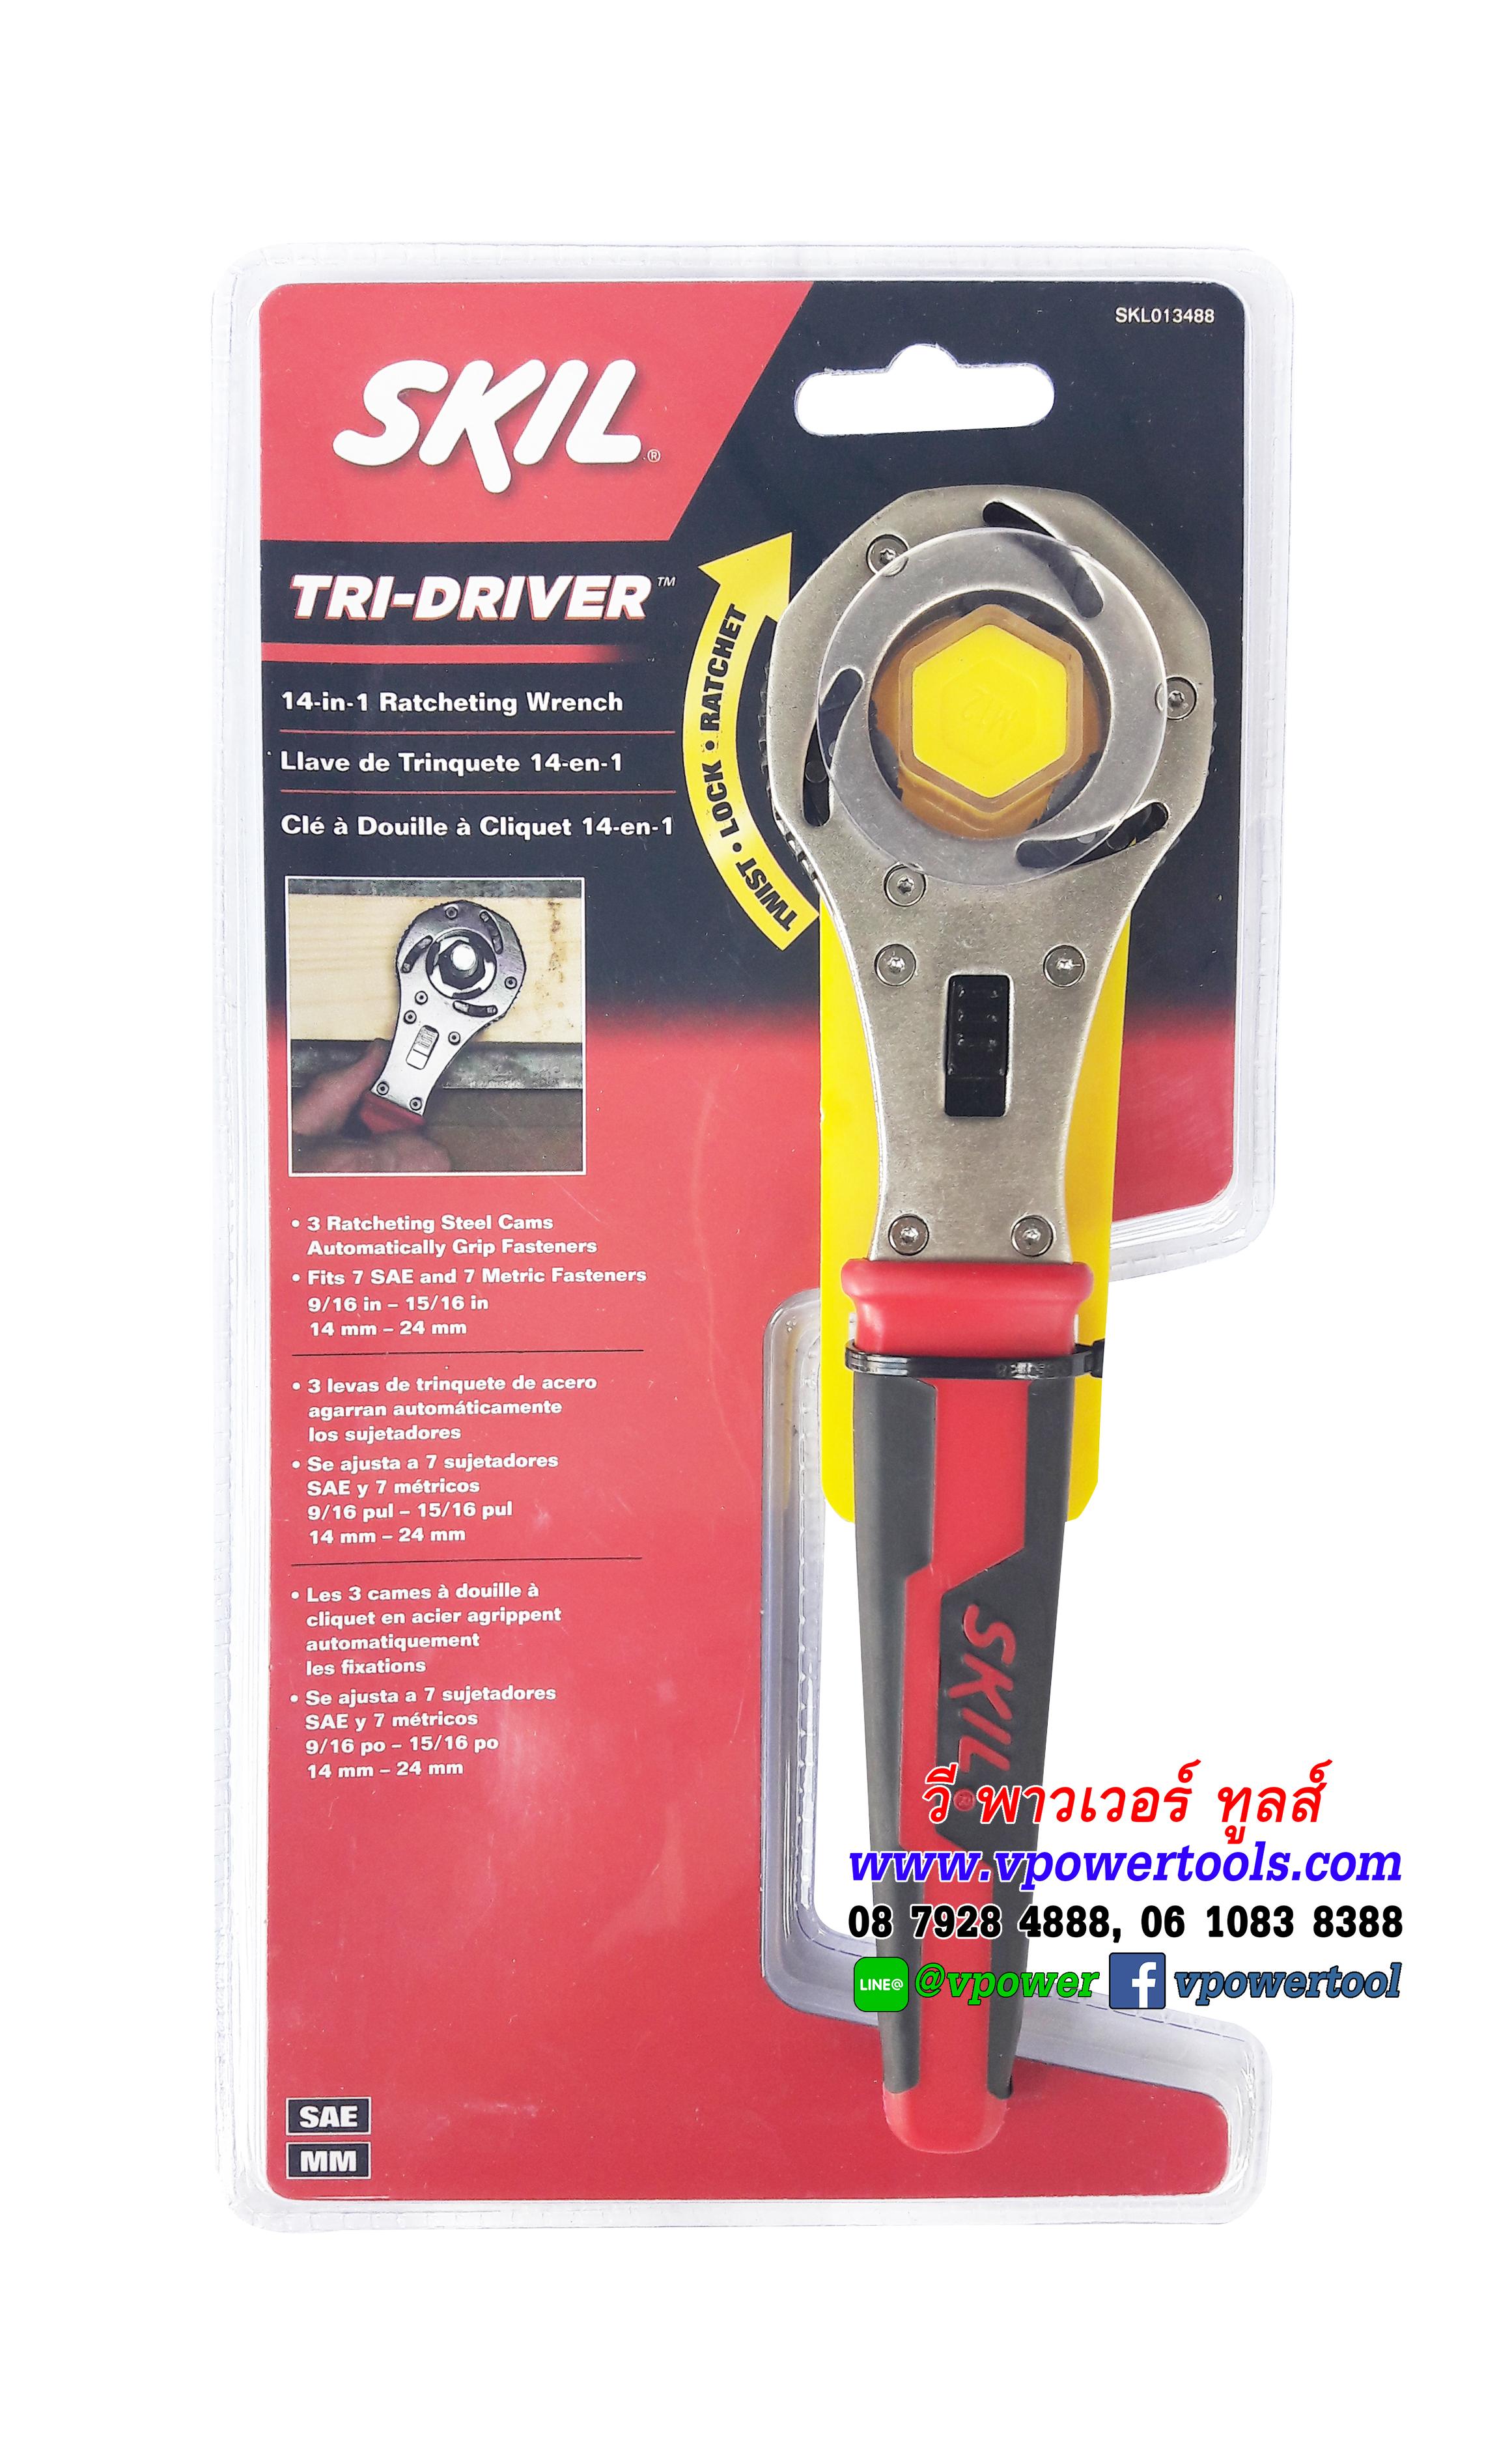 SKIL TRI-DRIVER SKL013488 ประแจอเนกประสงค์ 14 IN 1